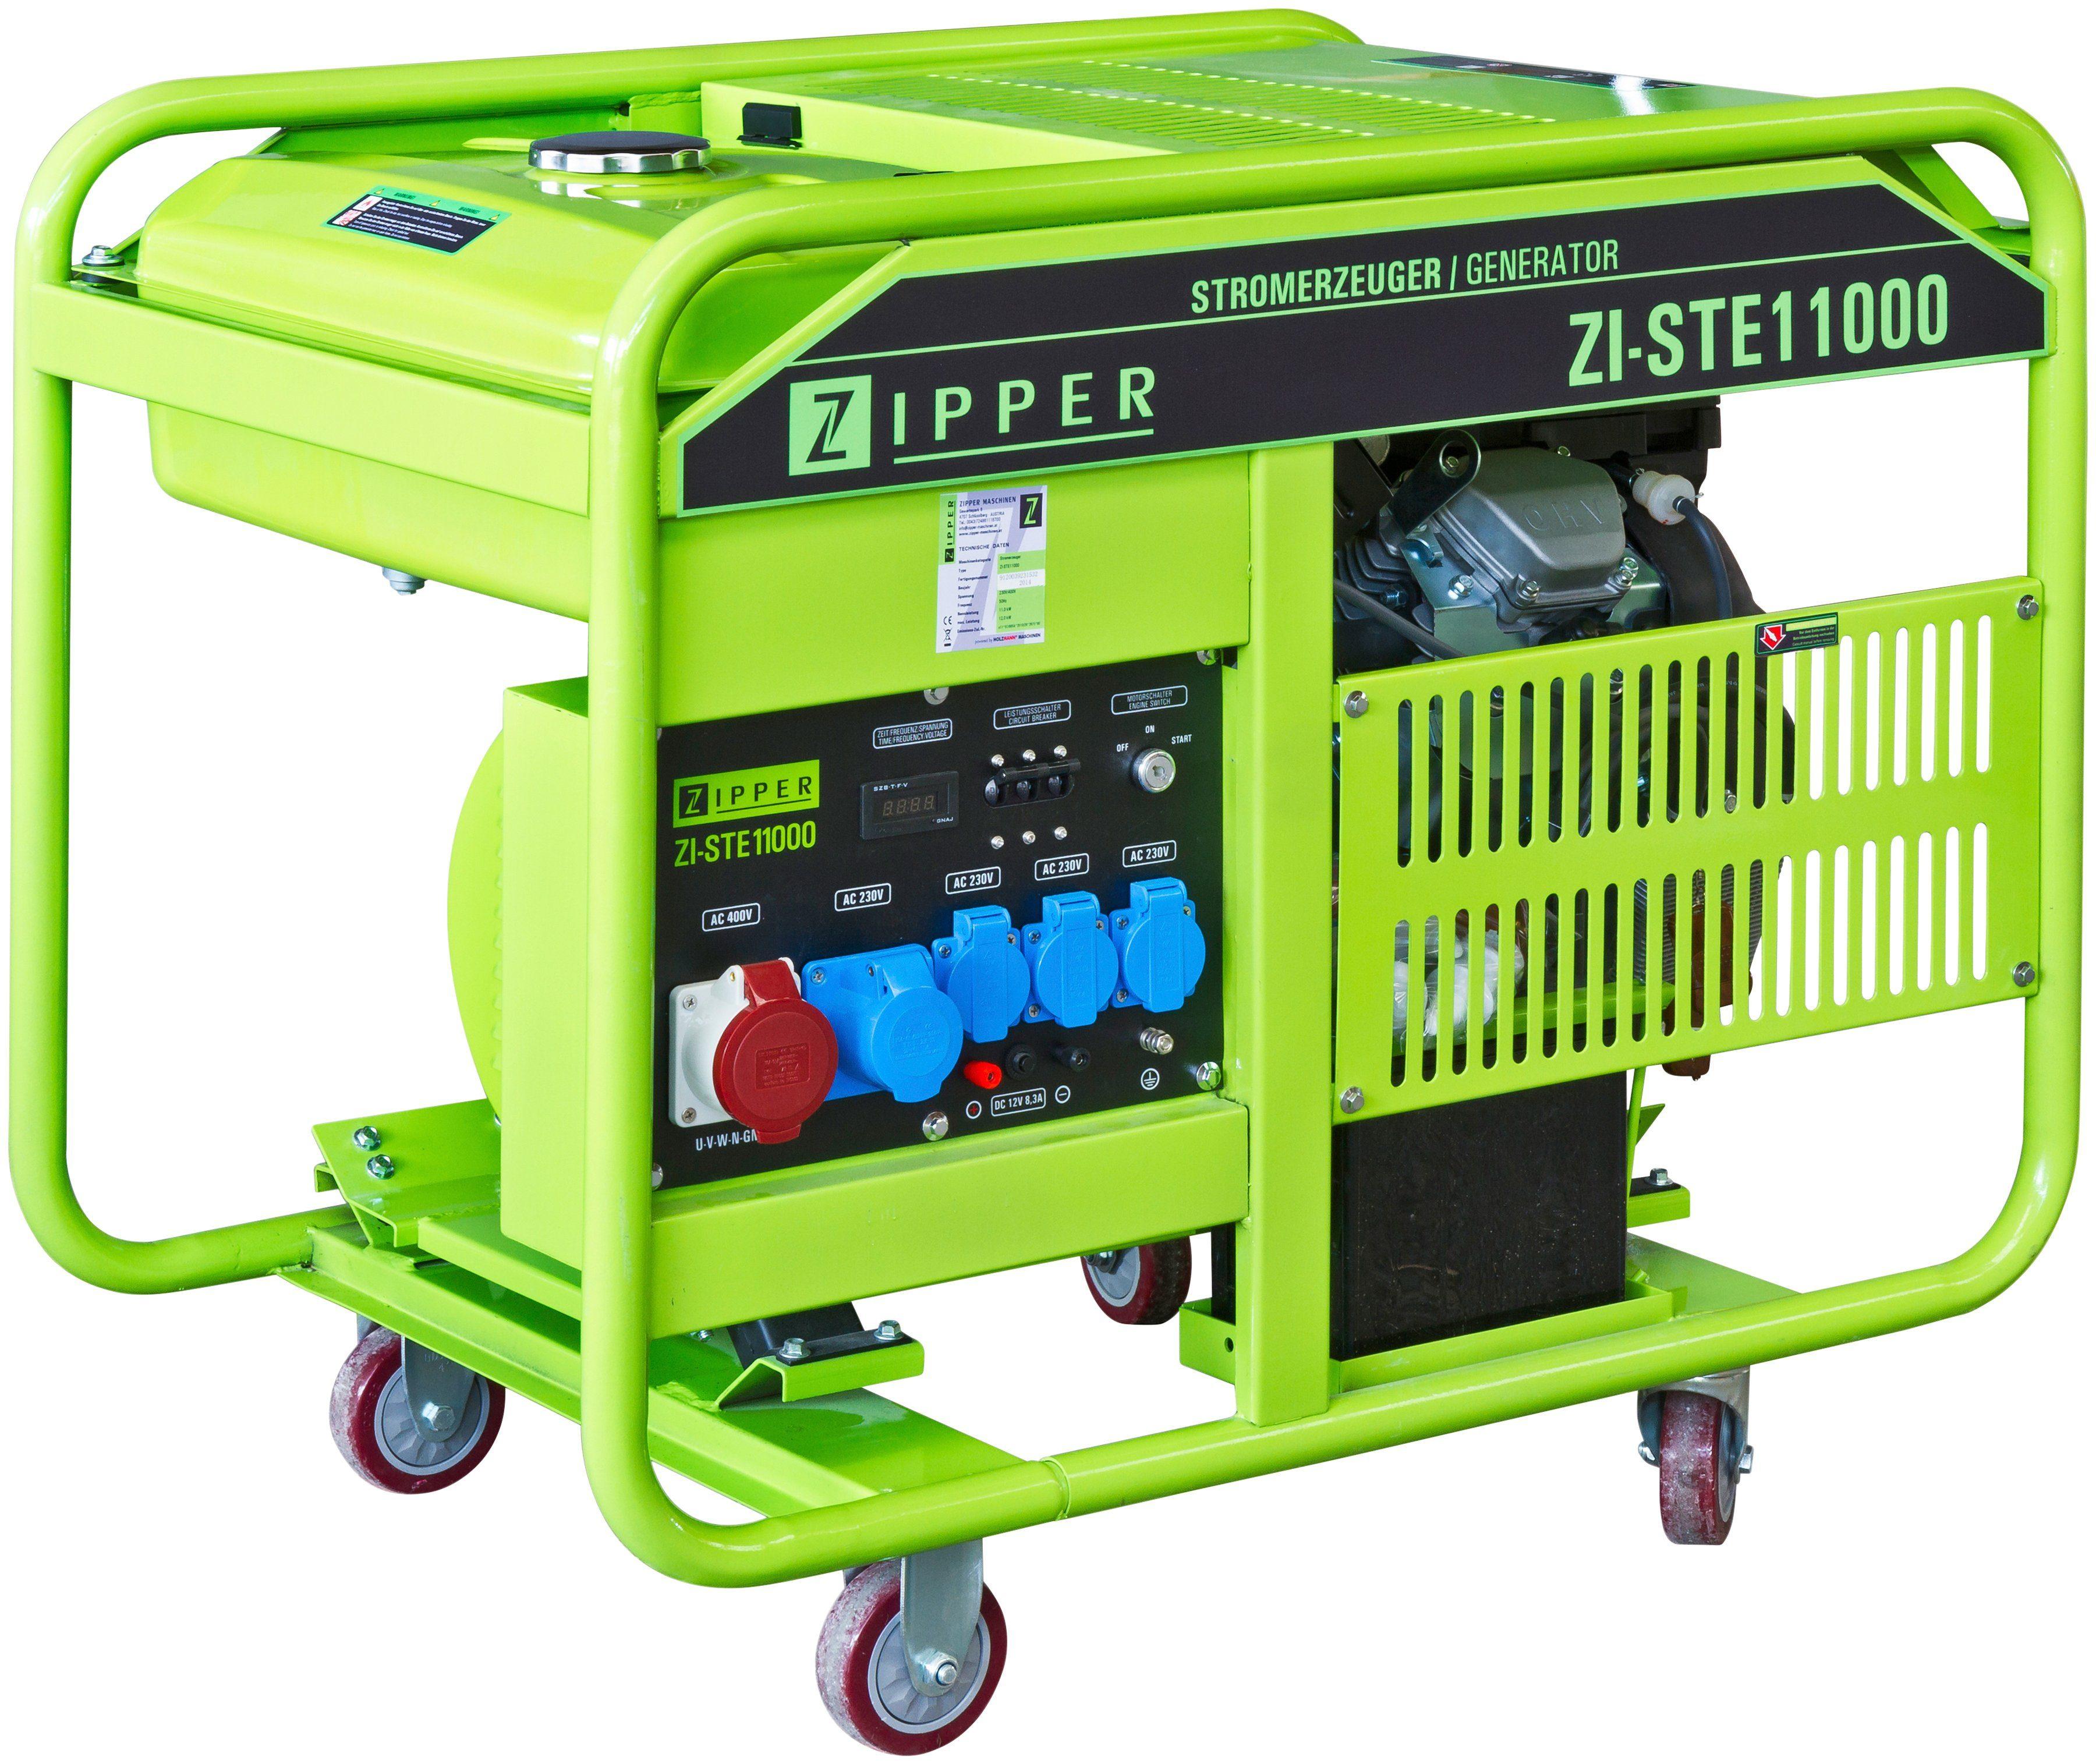 Zipper Stromerzeuger »ZI-STE11000« mit 5 Steckdosen (4 x 230 V / 1 x 400 V)